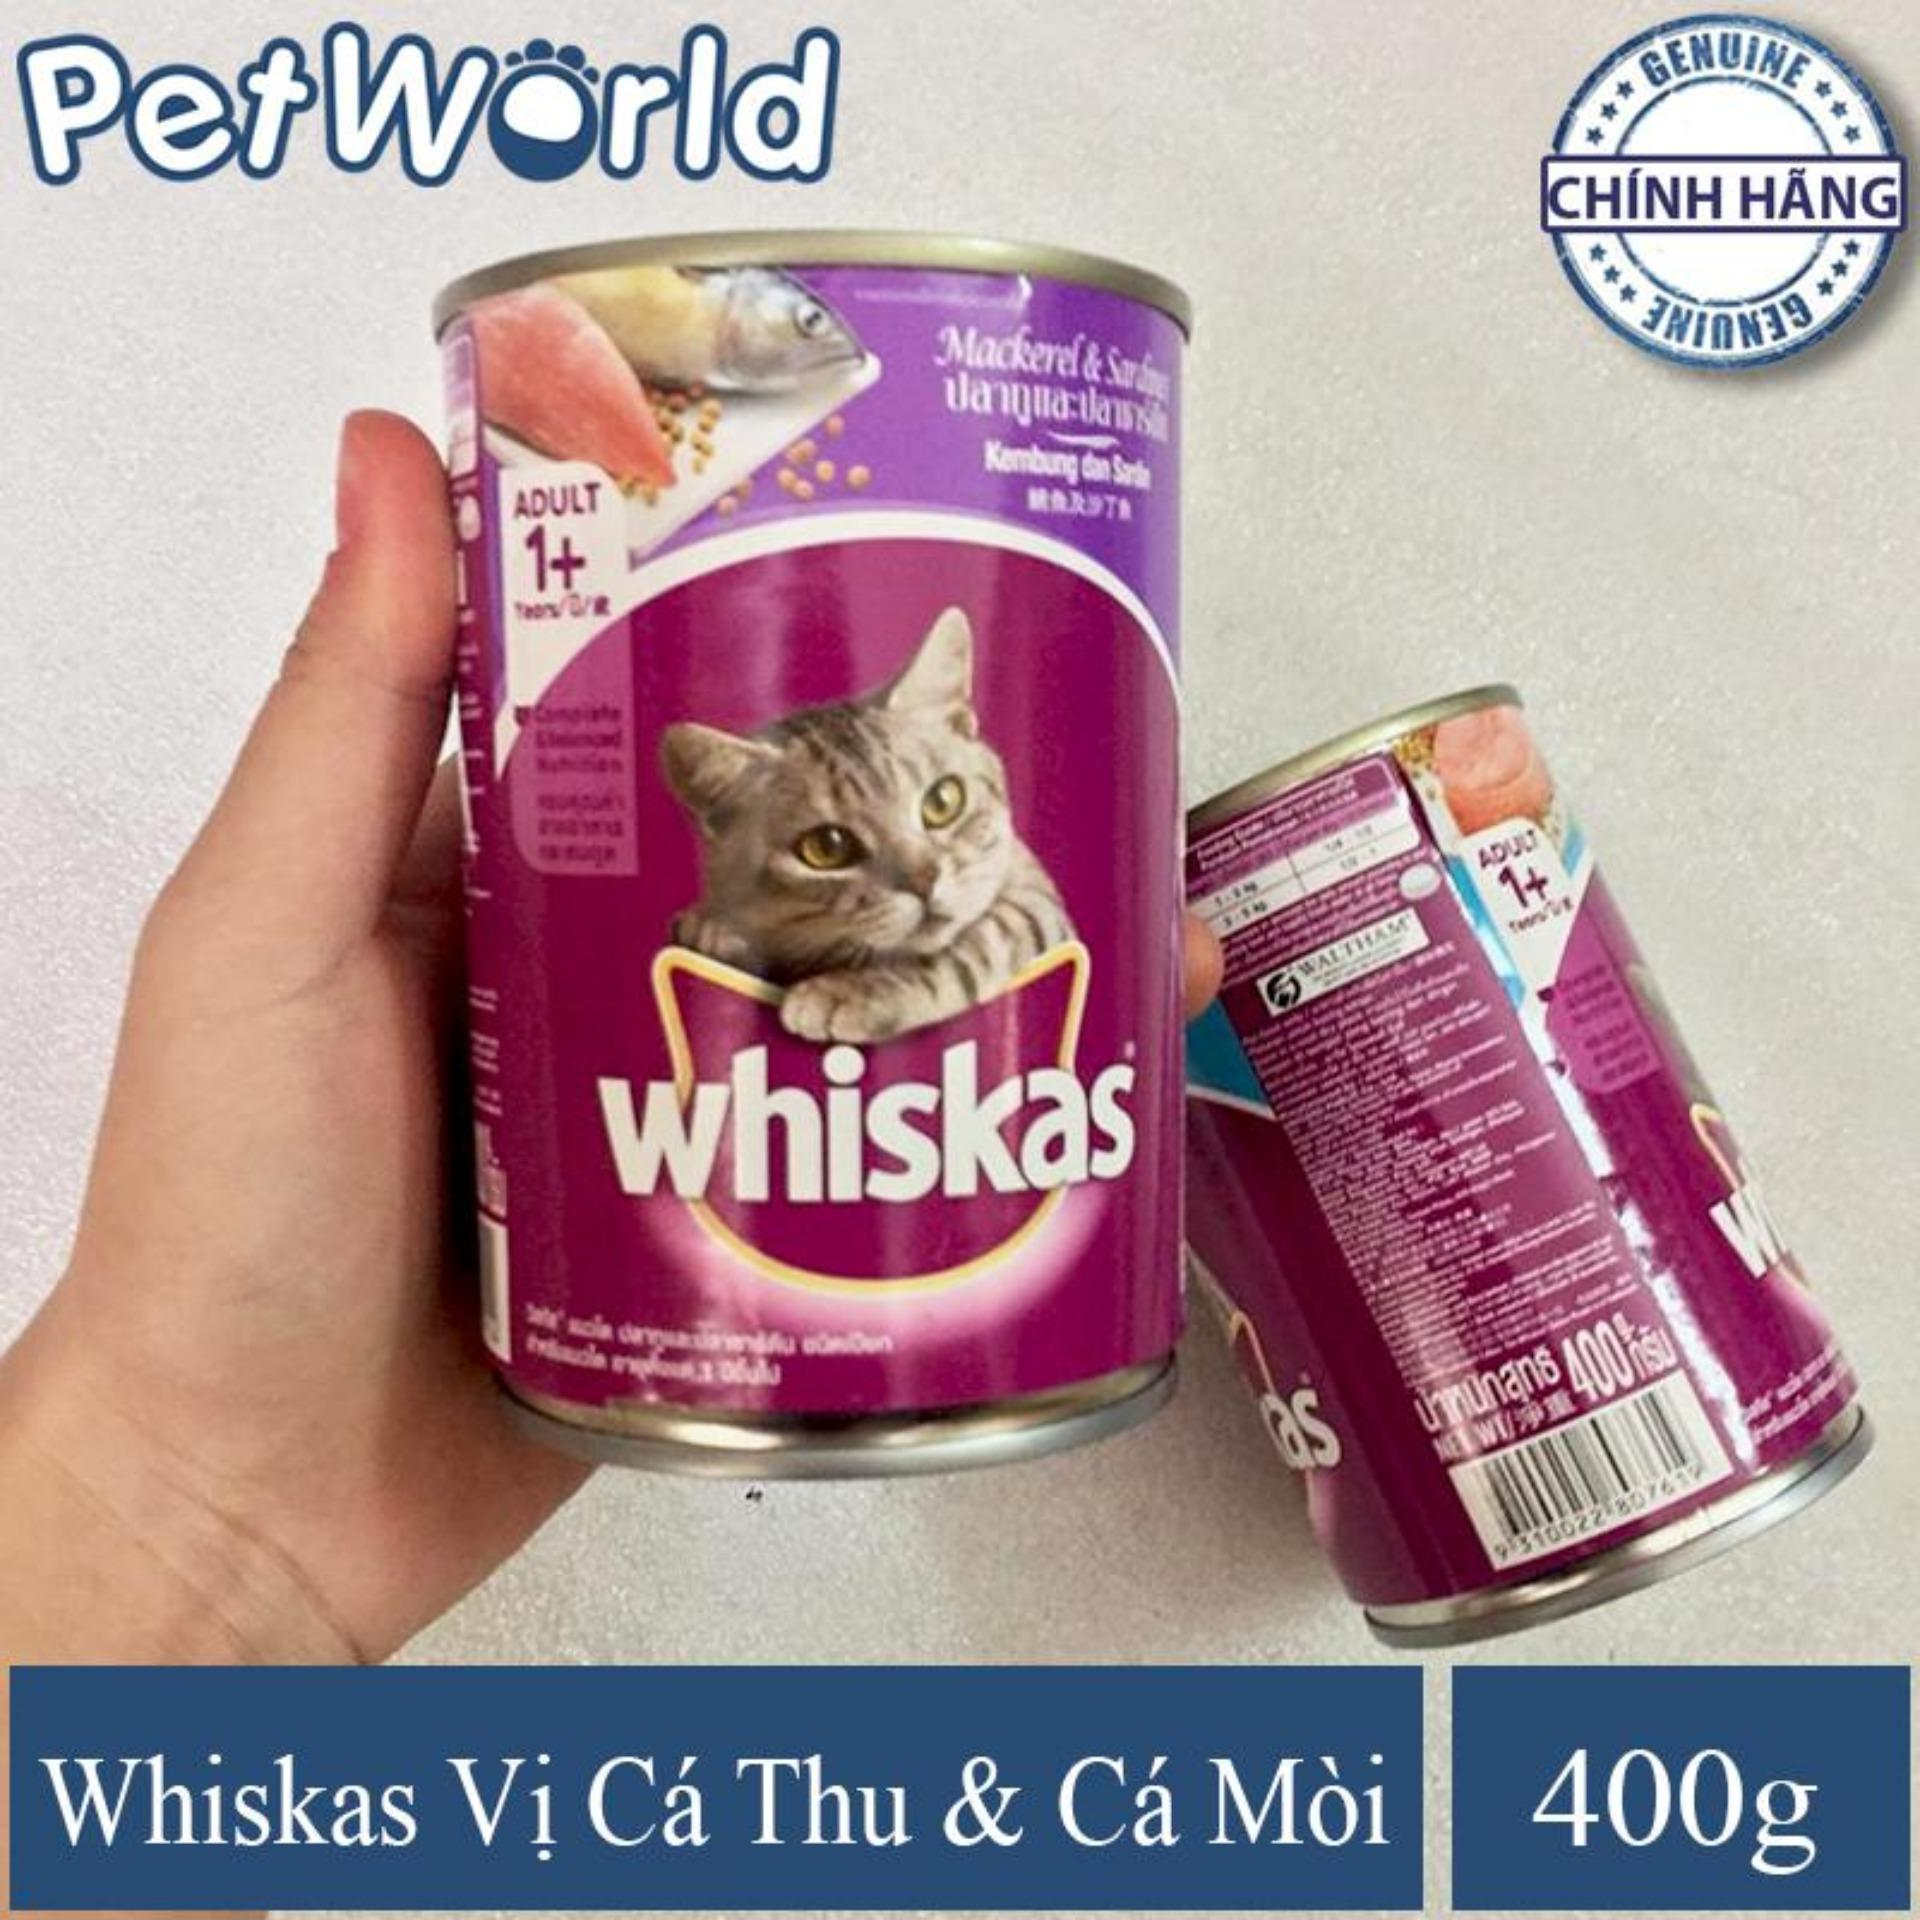 Thức Ăn Dành Cho Mèo Lớn/ Mèo Trưởng Thành -  Whiskas Vị Cá Biển - Dạng Lon 400g Siêu Khuyến Mại